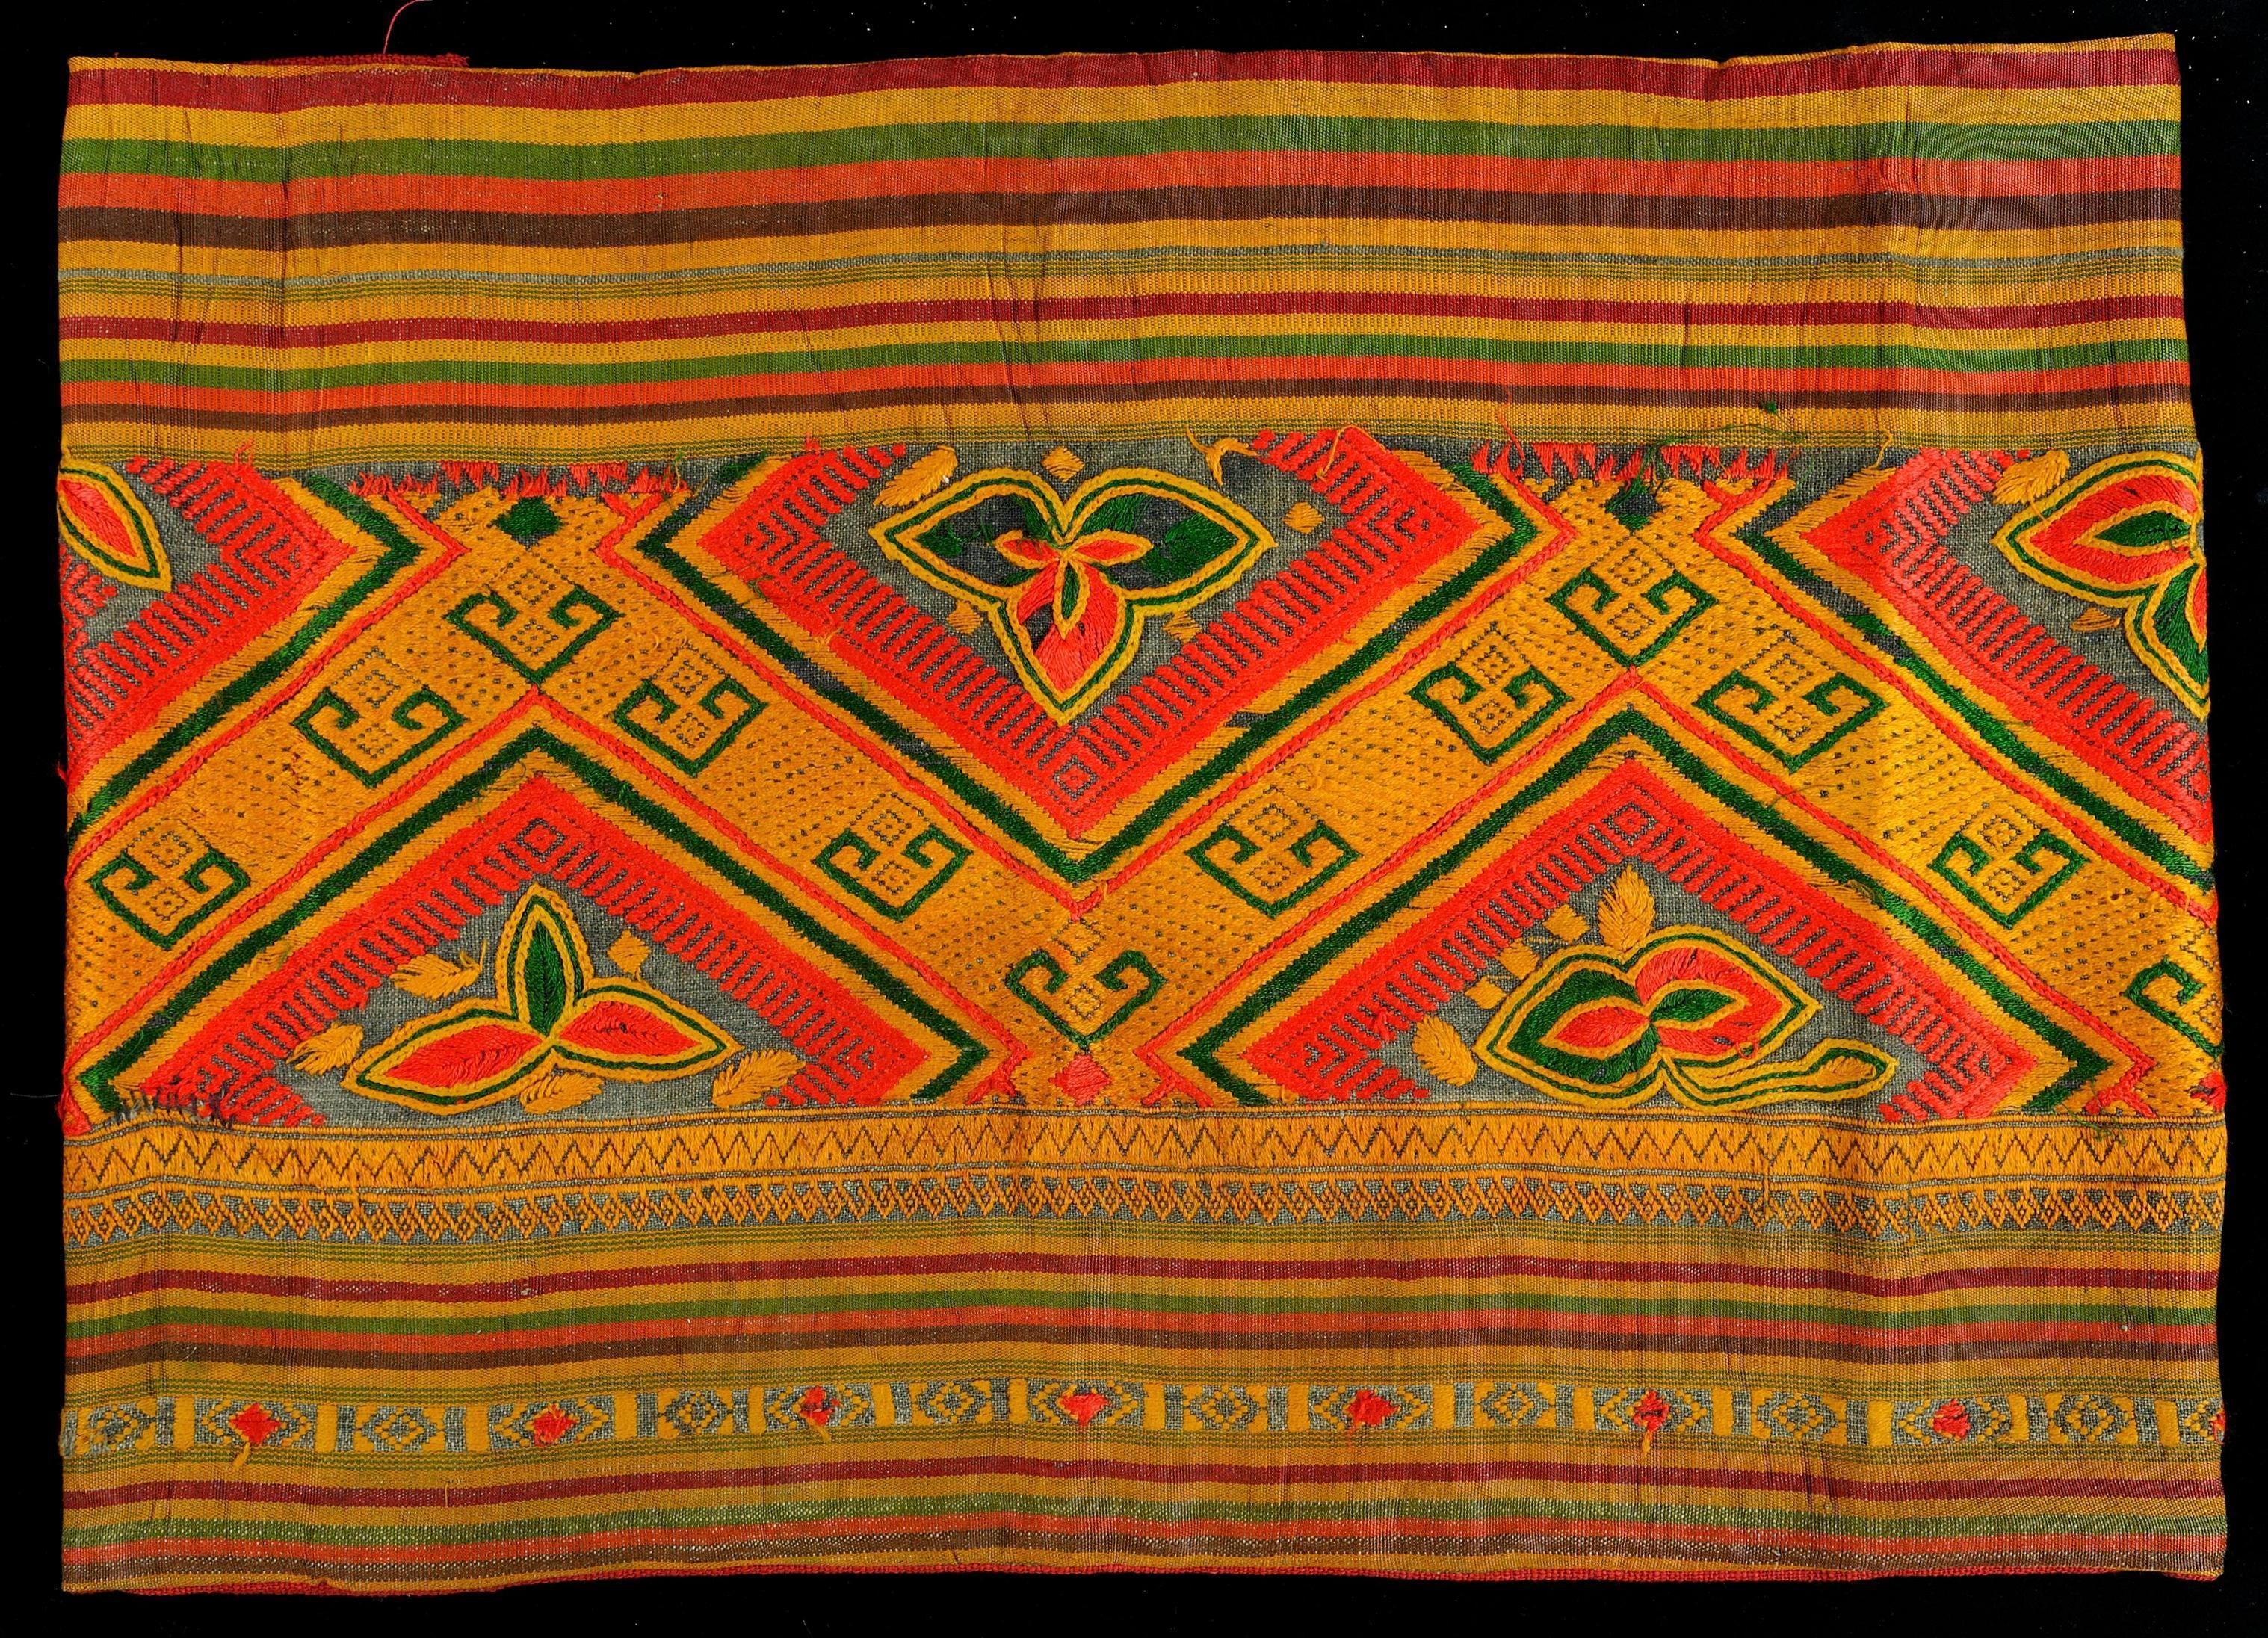 Pin On Asia Textile